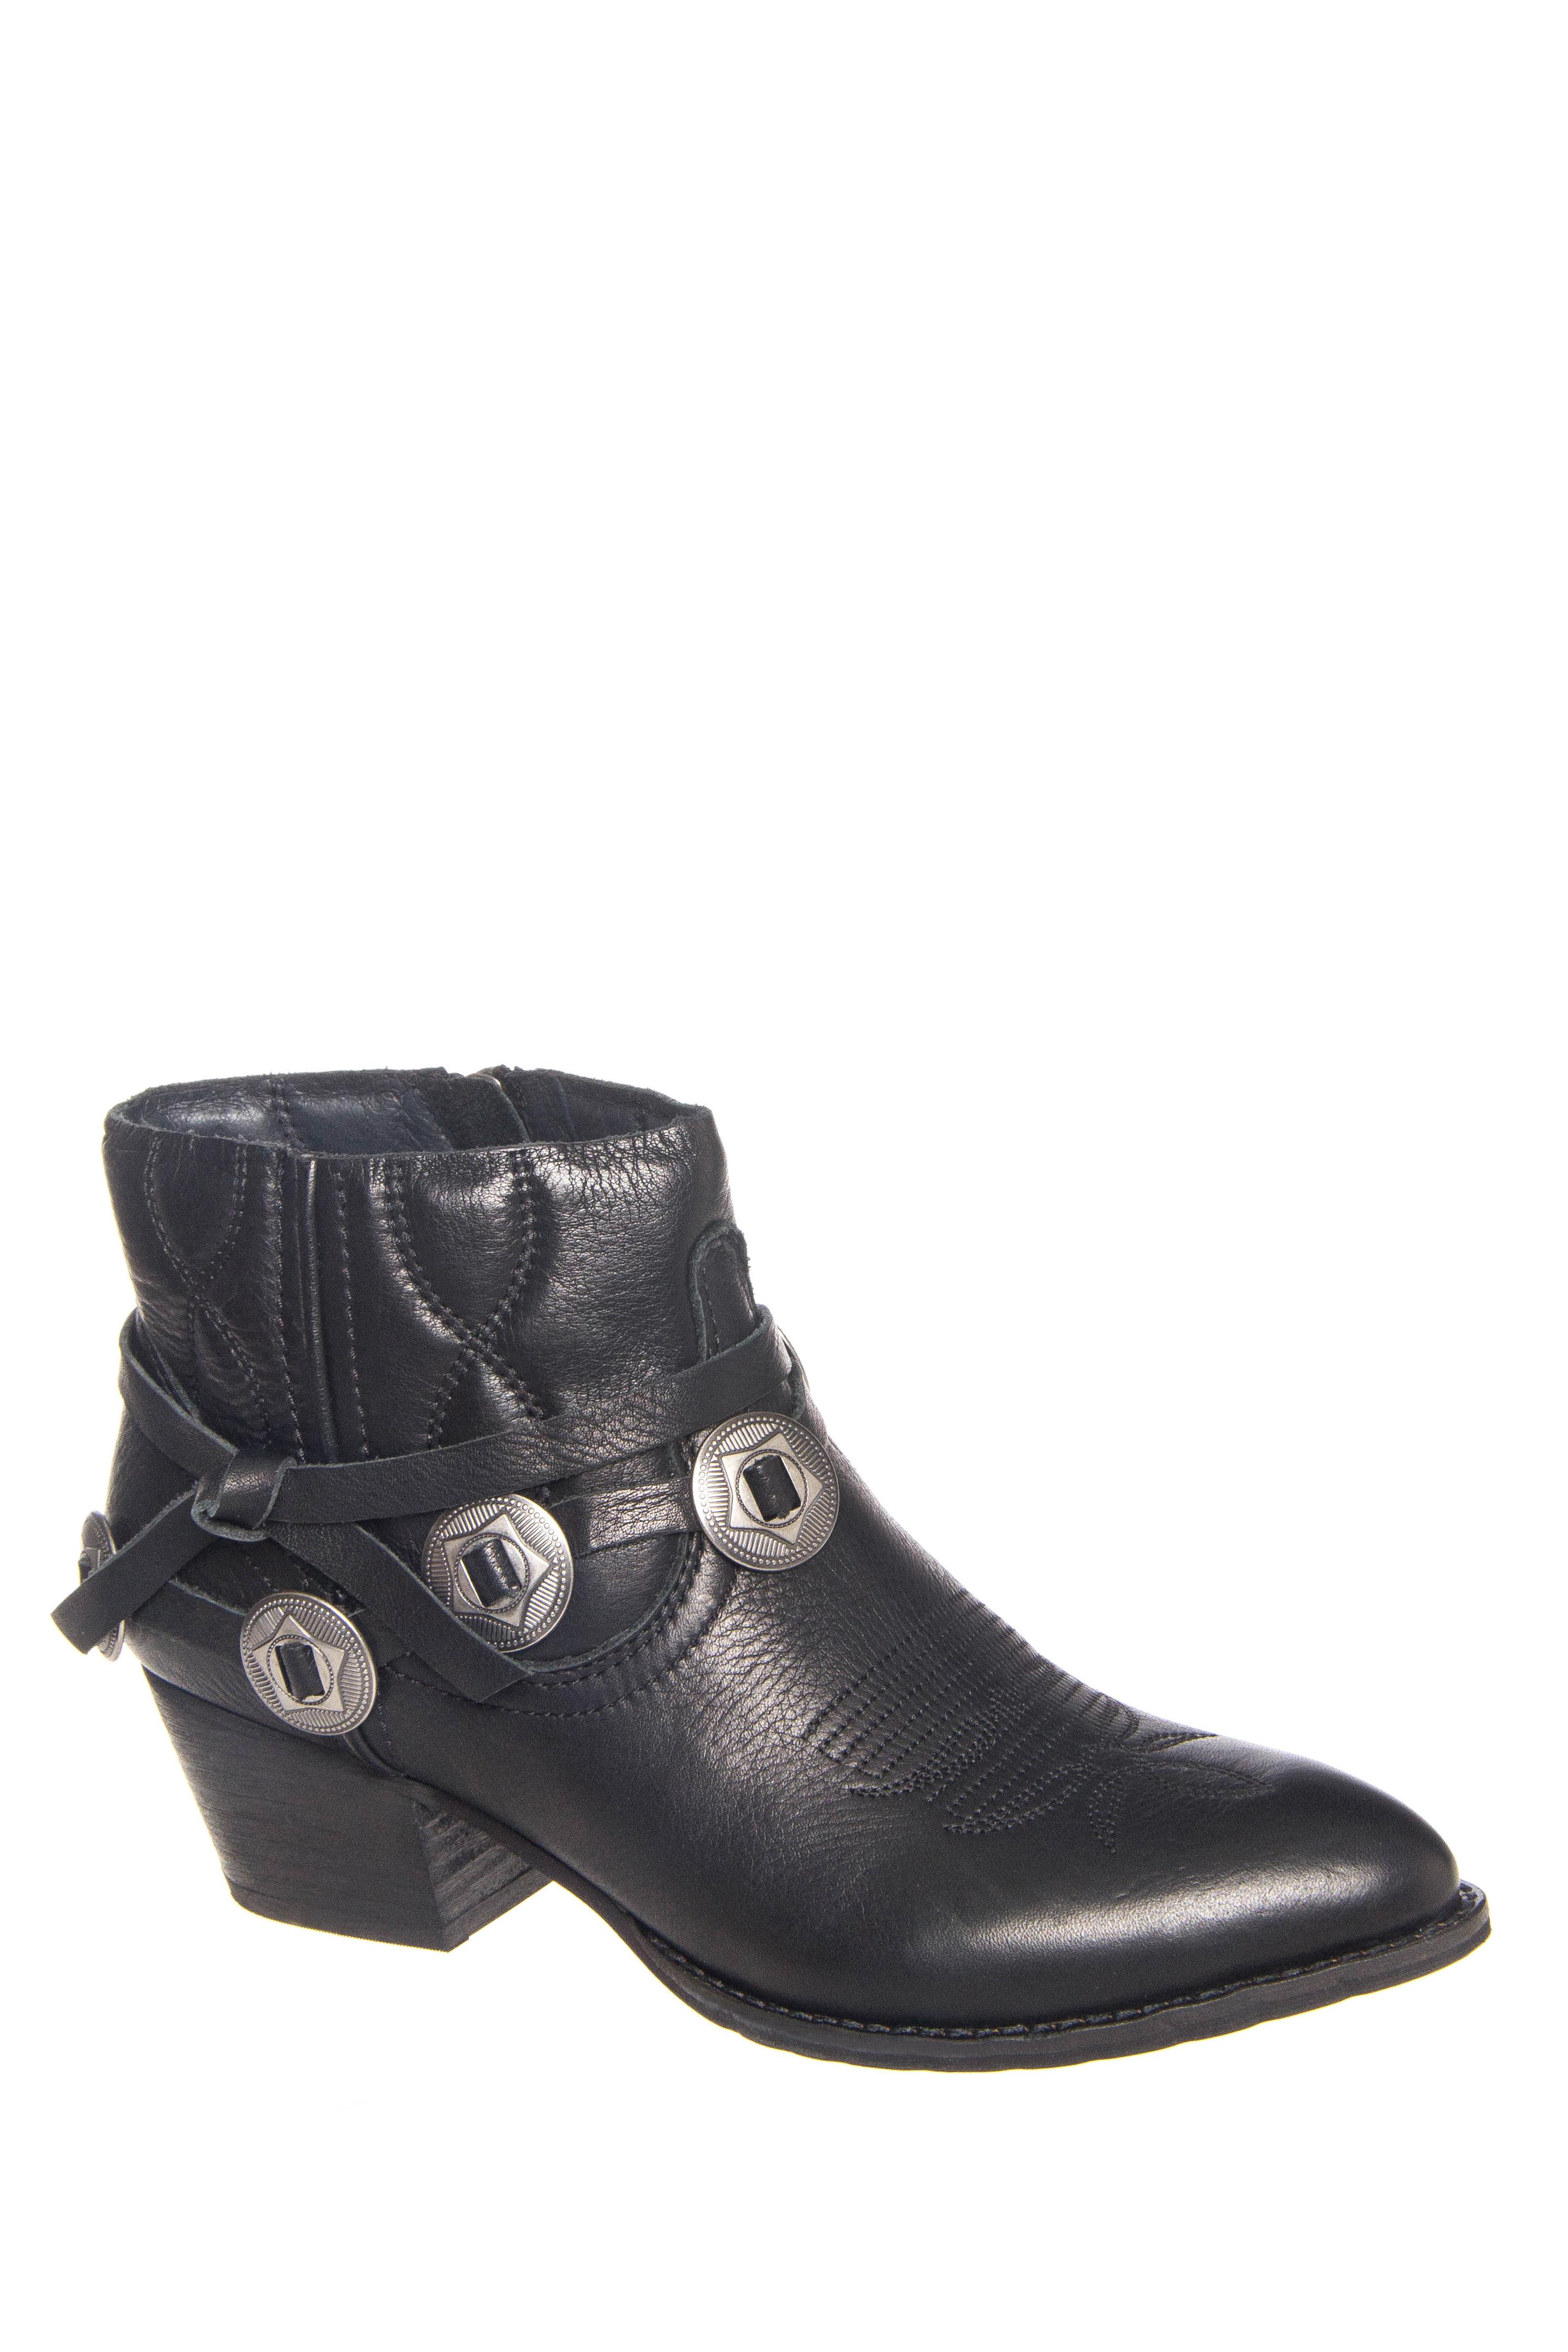 Dolce Vita Skye Mid Heel Ankle Booties - Black